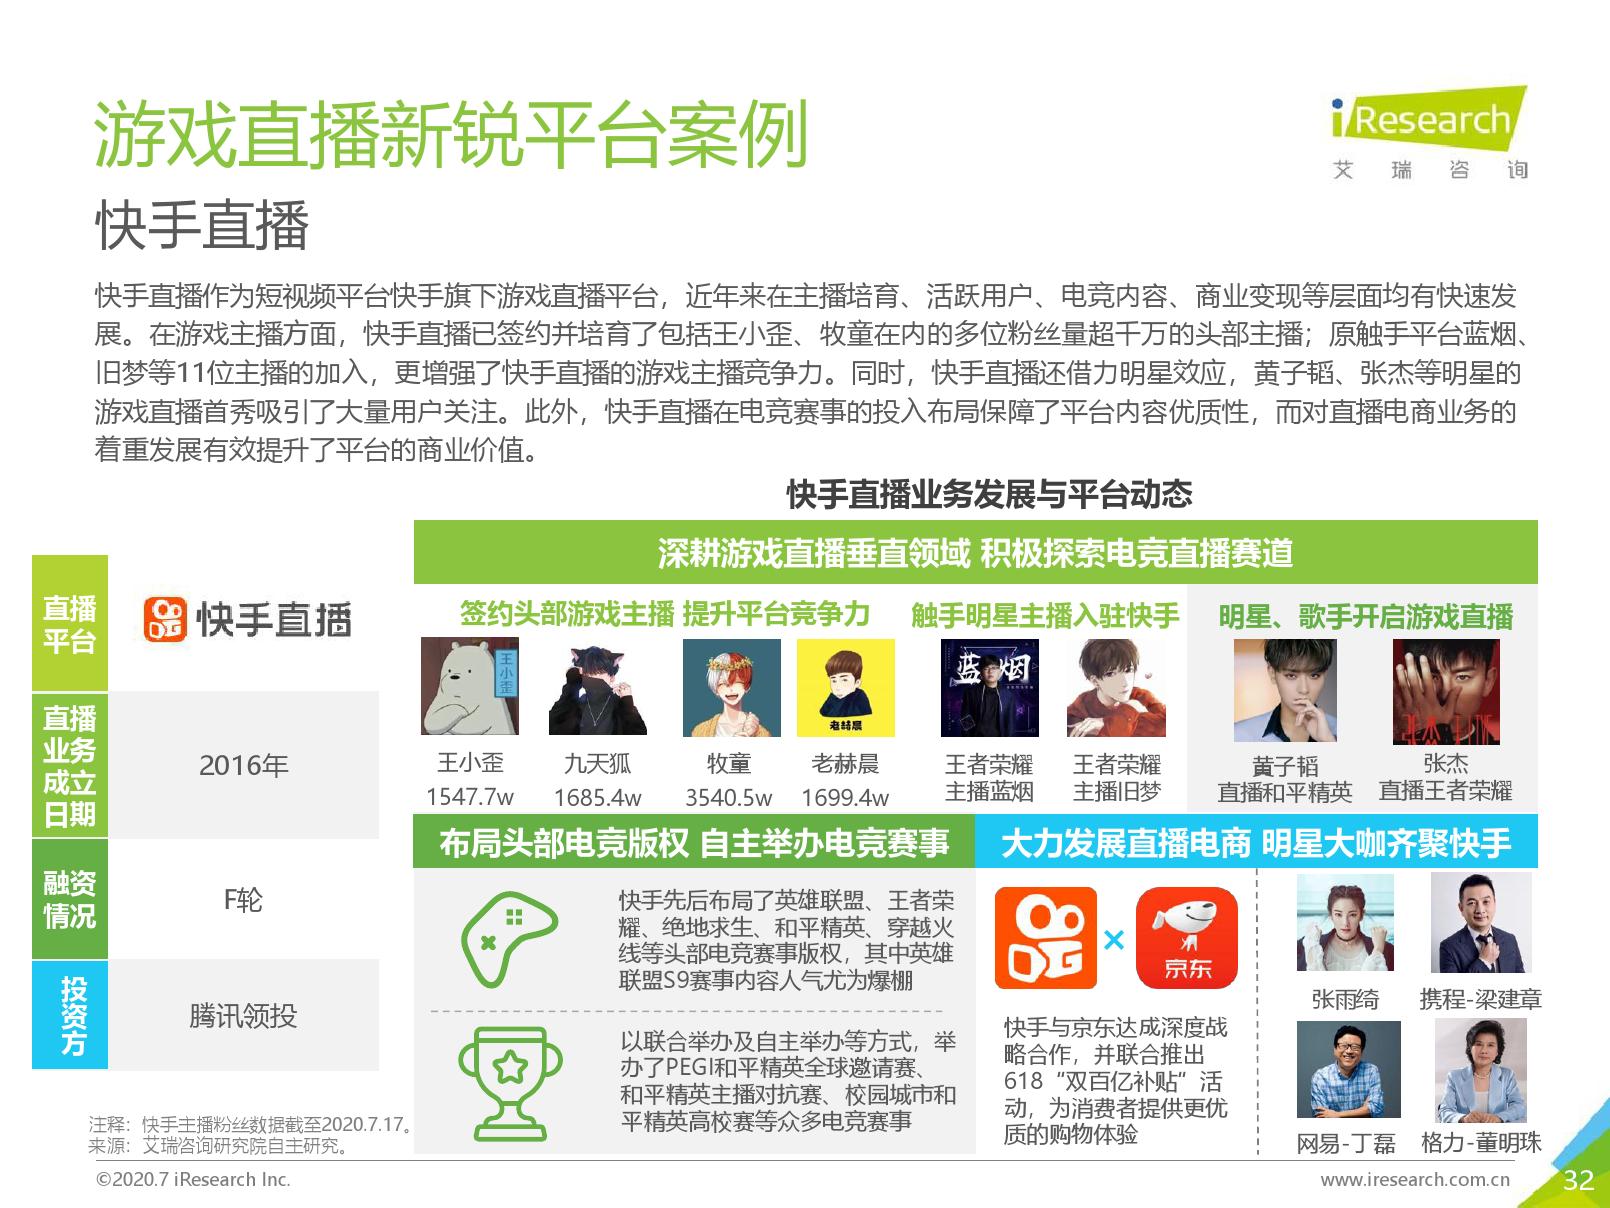 艾瑞咨询:2020年中国游戏直播行业研究报告(可下载报告)插图(63)